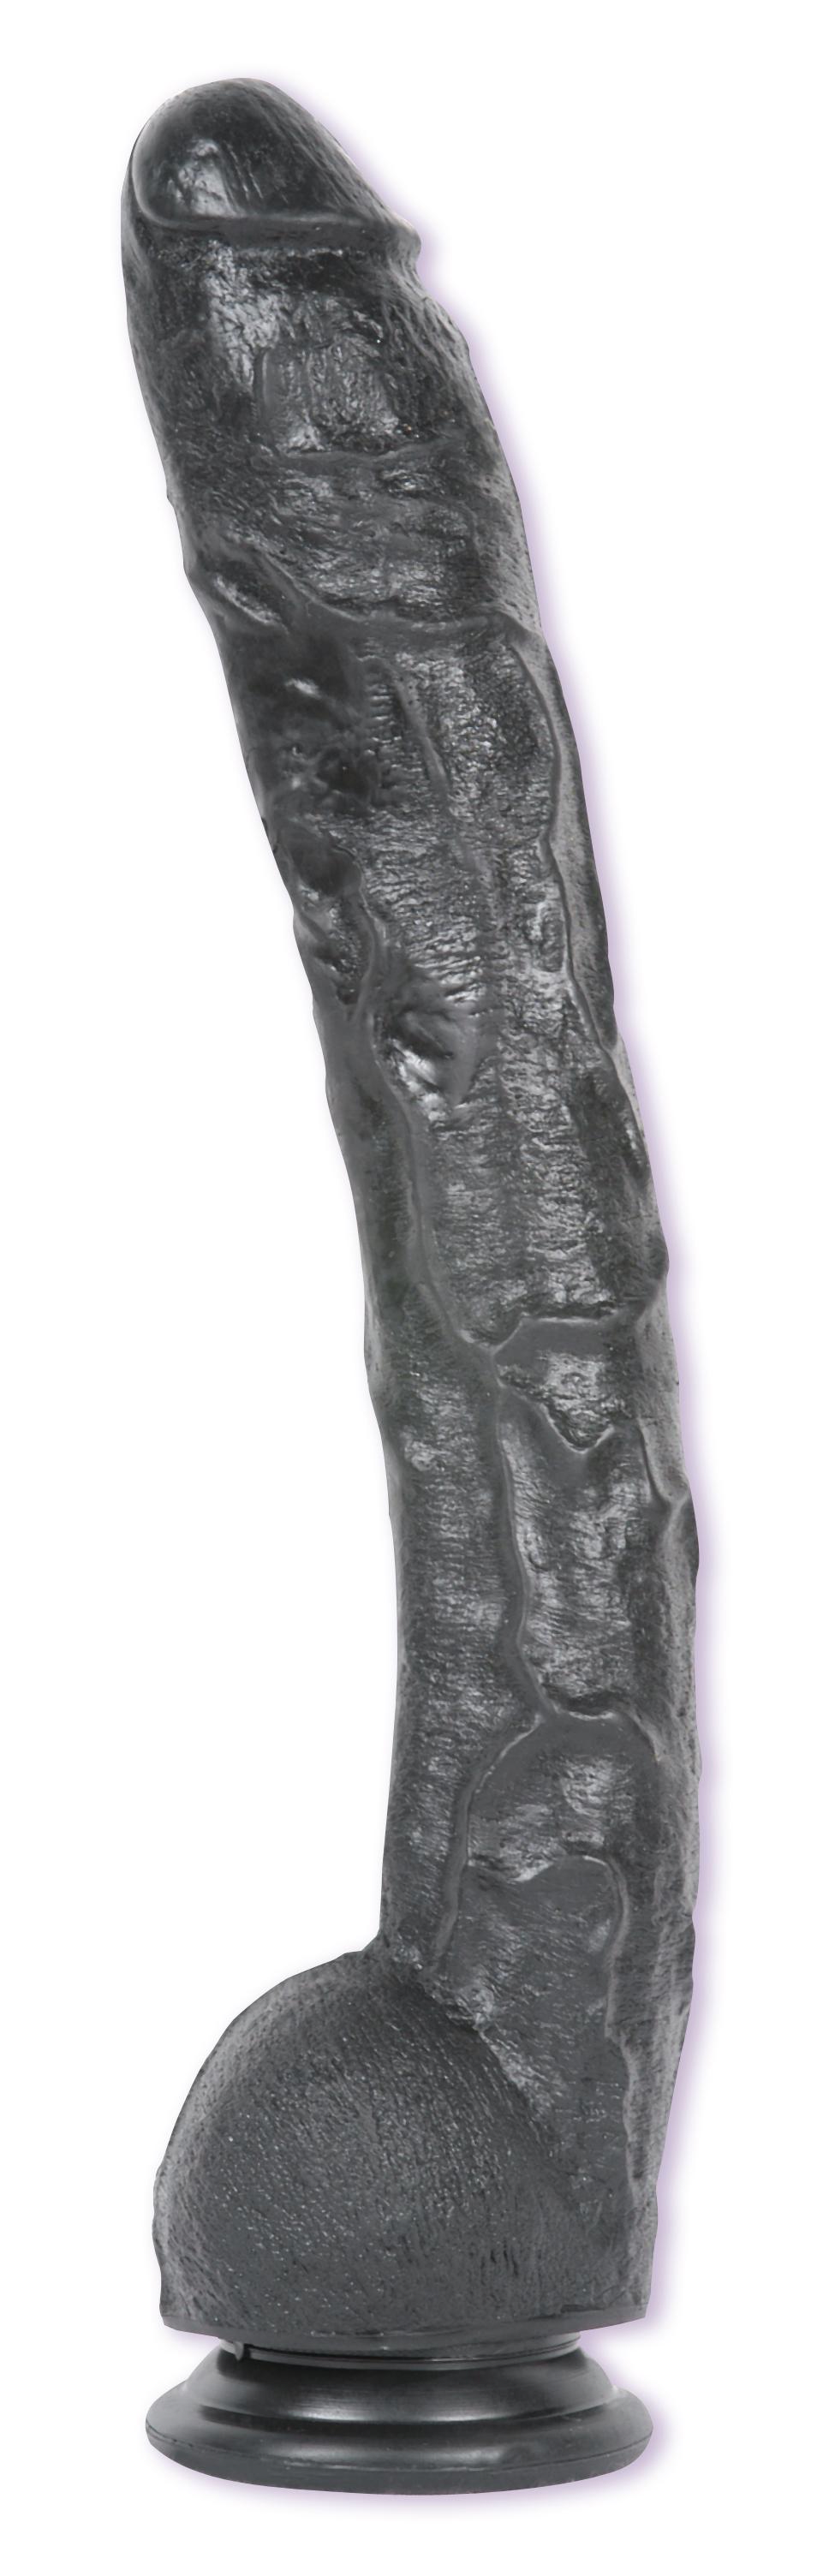 Фаллоимитатор гигант dick rambone 24 фотография